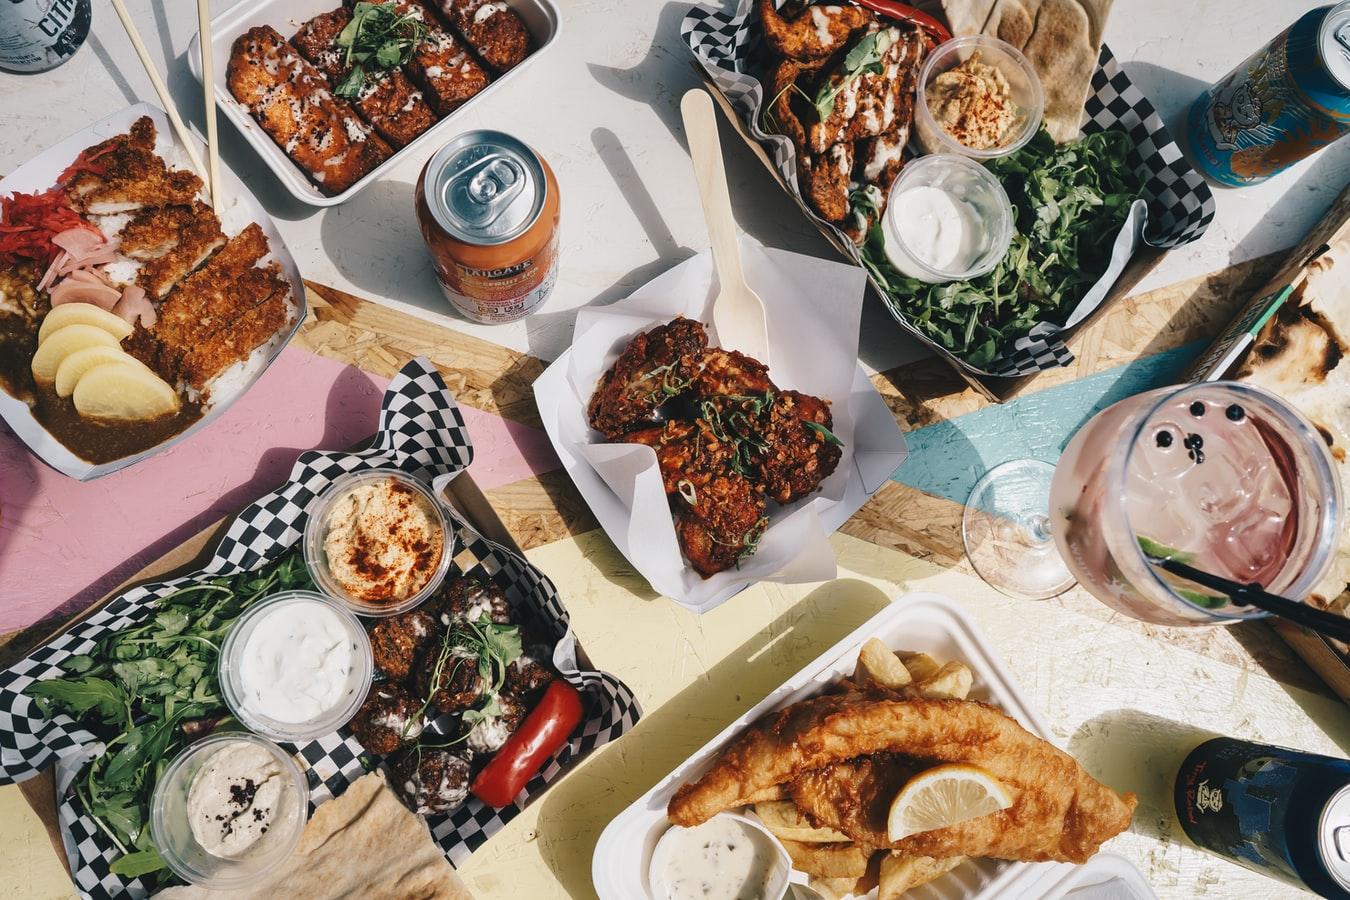 10 Great Takeout Restaurants in Metro Phoenix